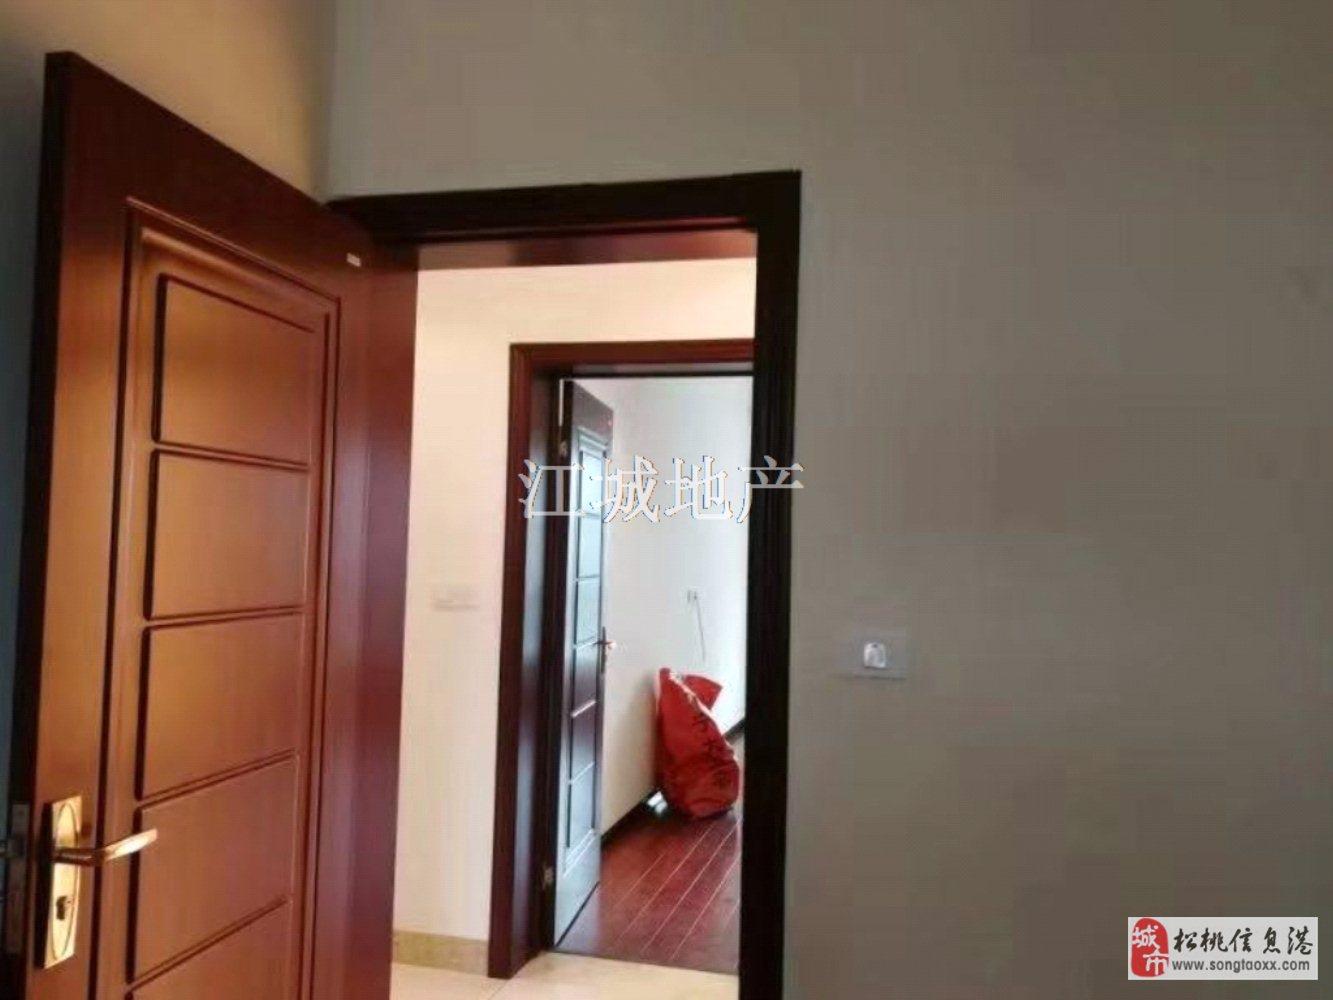 金阳广场4室2厅2卫48.8万元